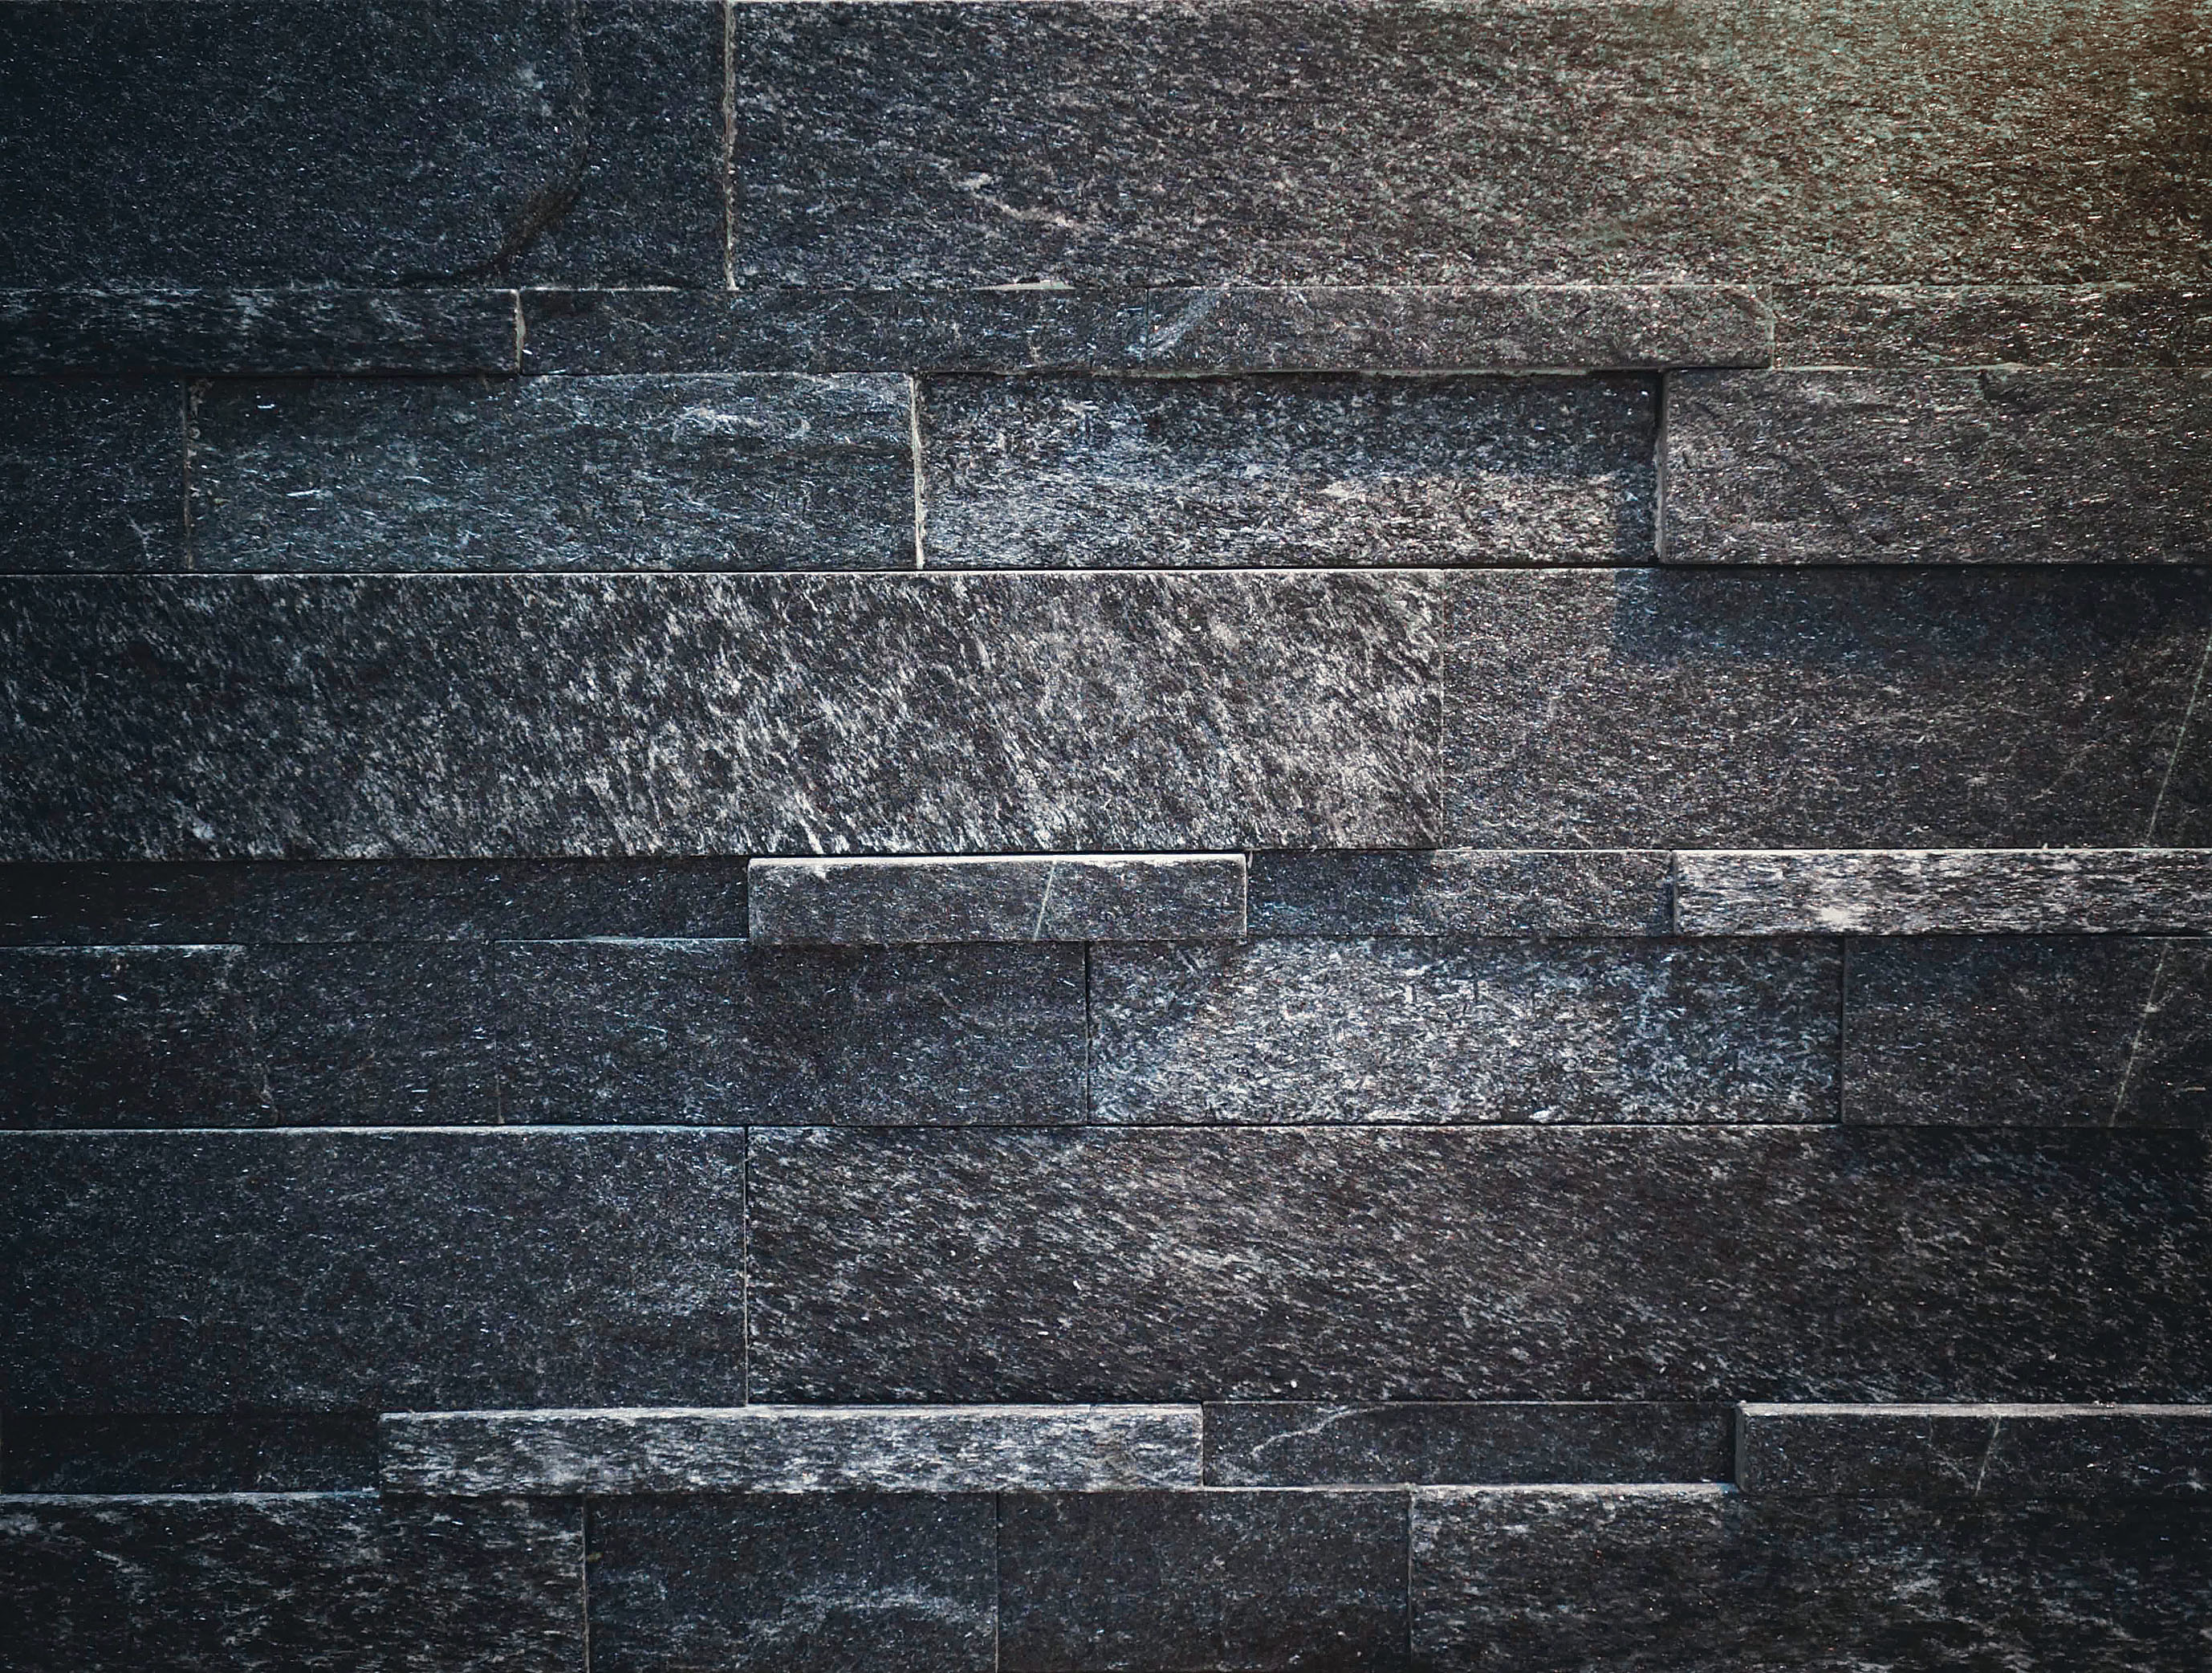 BLACK DIAMOND [QUARTZ SITE]   ブラックダイヤモンド (クォ-ツサイト)